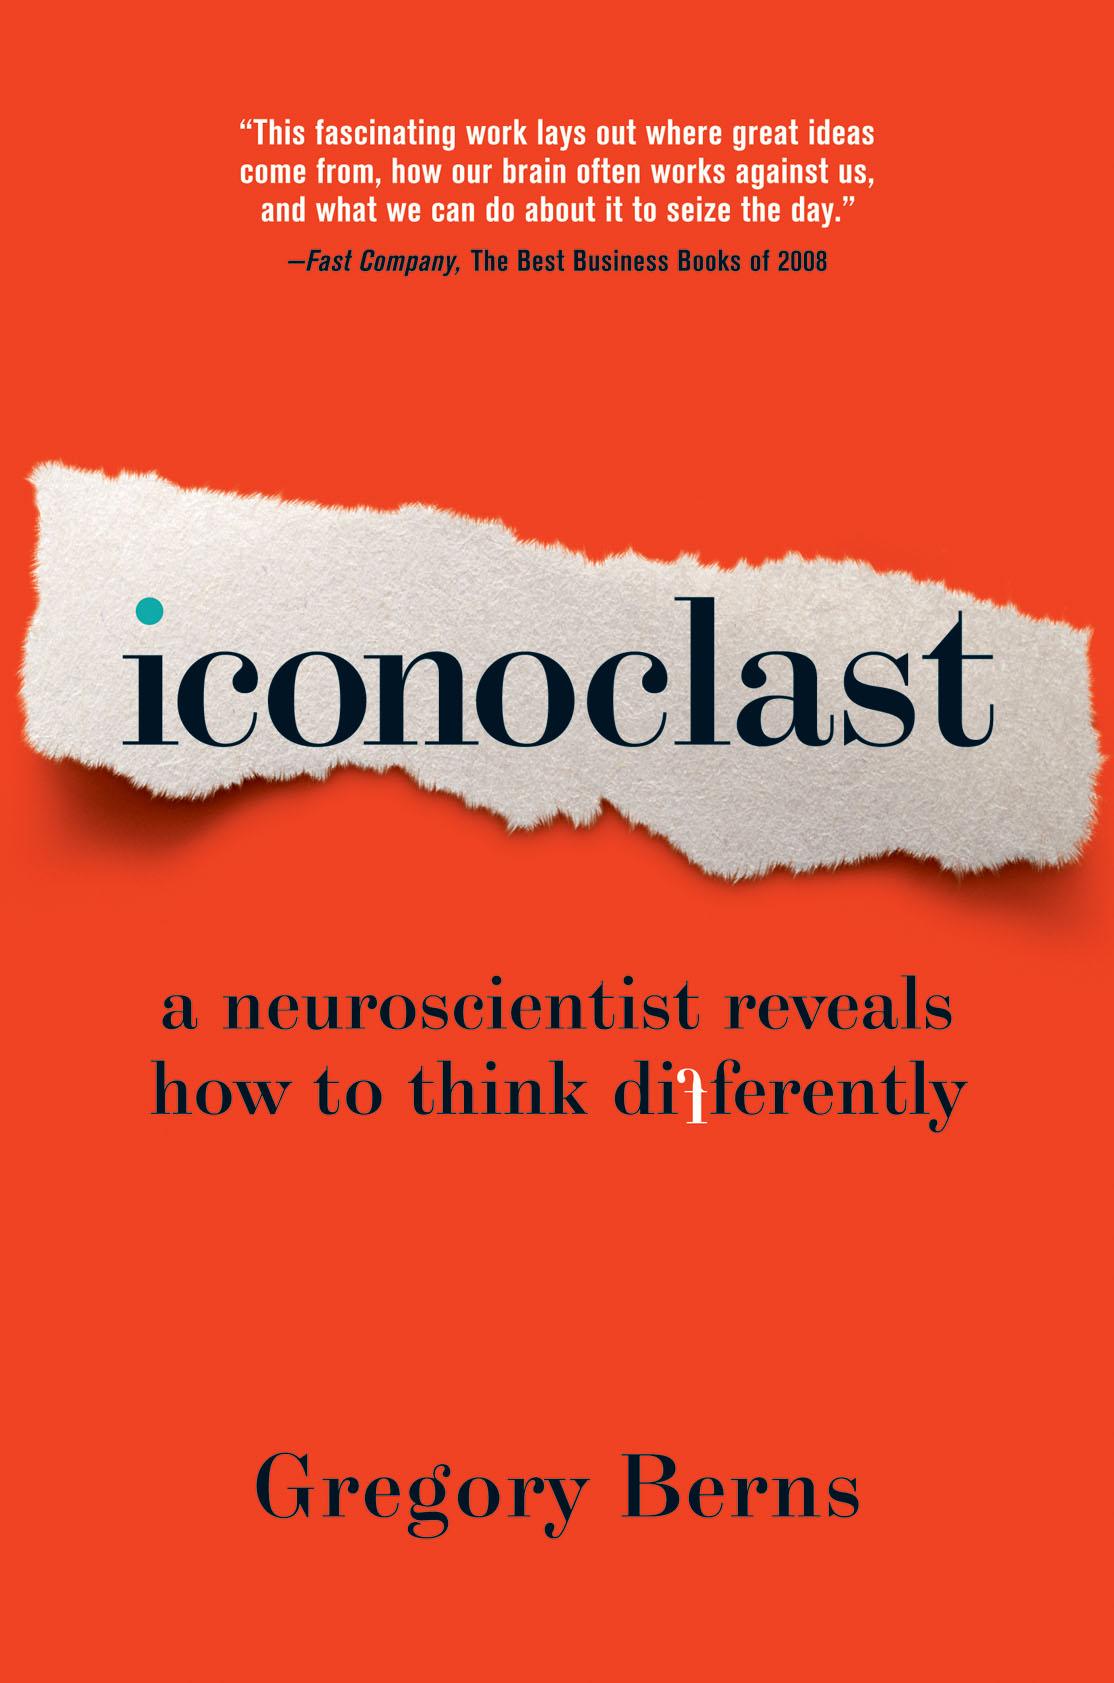 iconoclast-het-karakter-van-rule-breakers-blootgelegd-cover